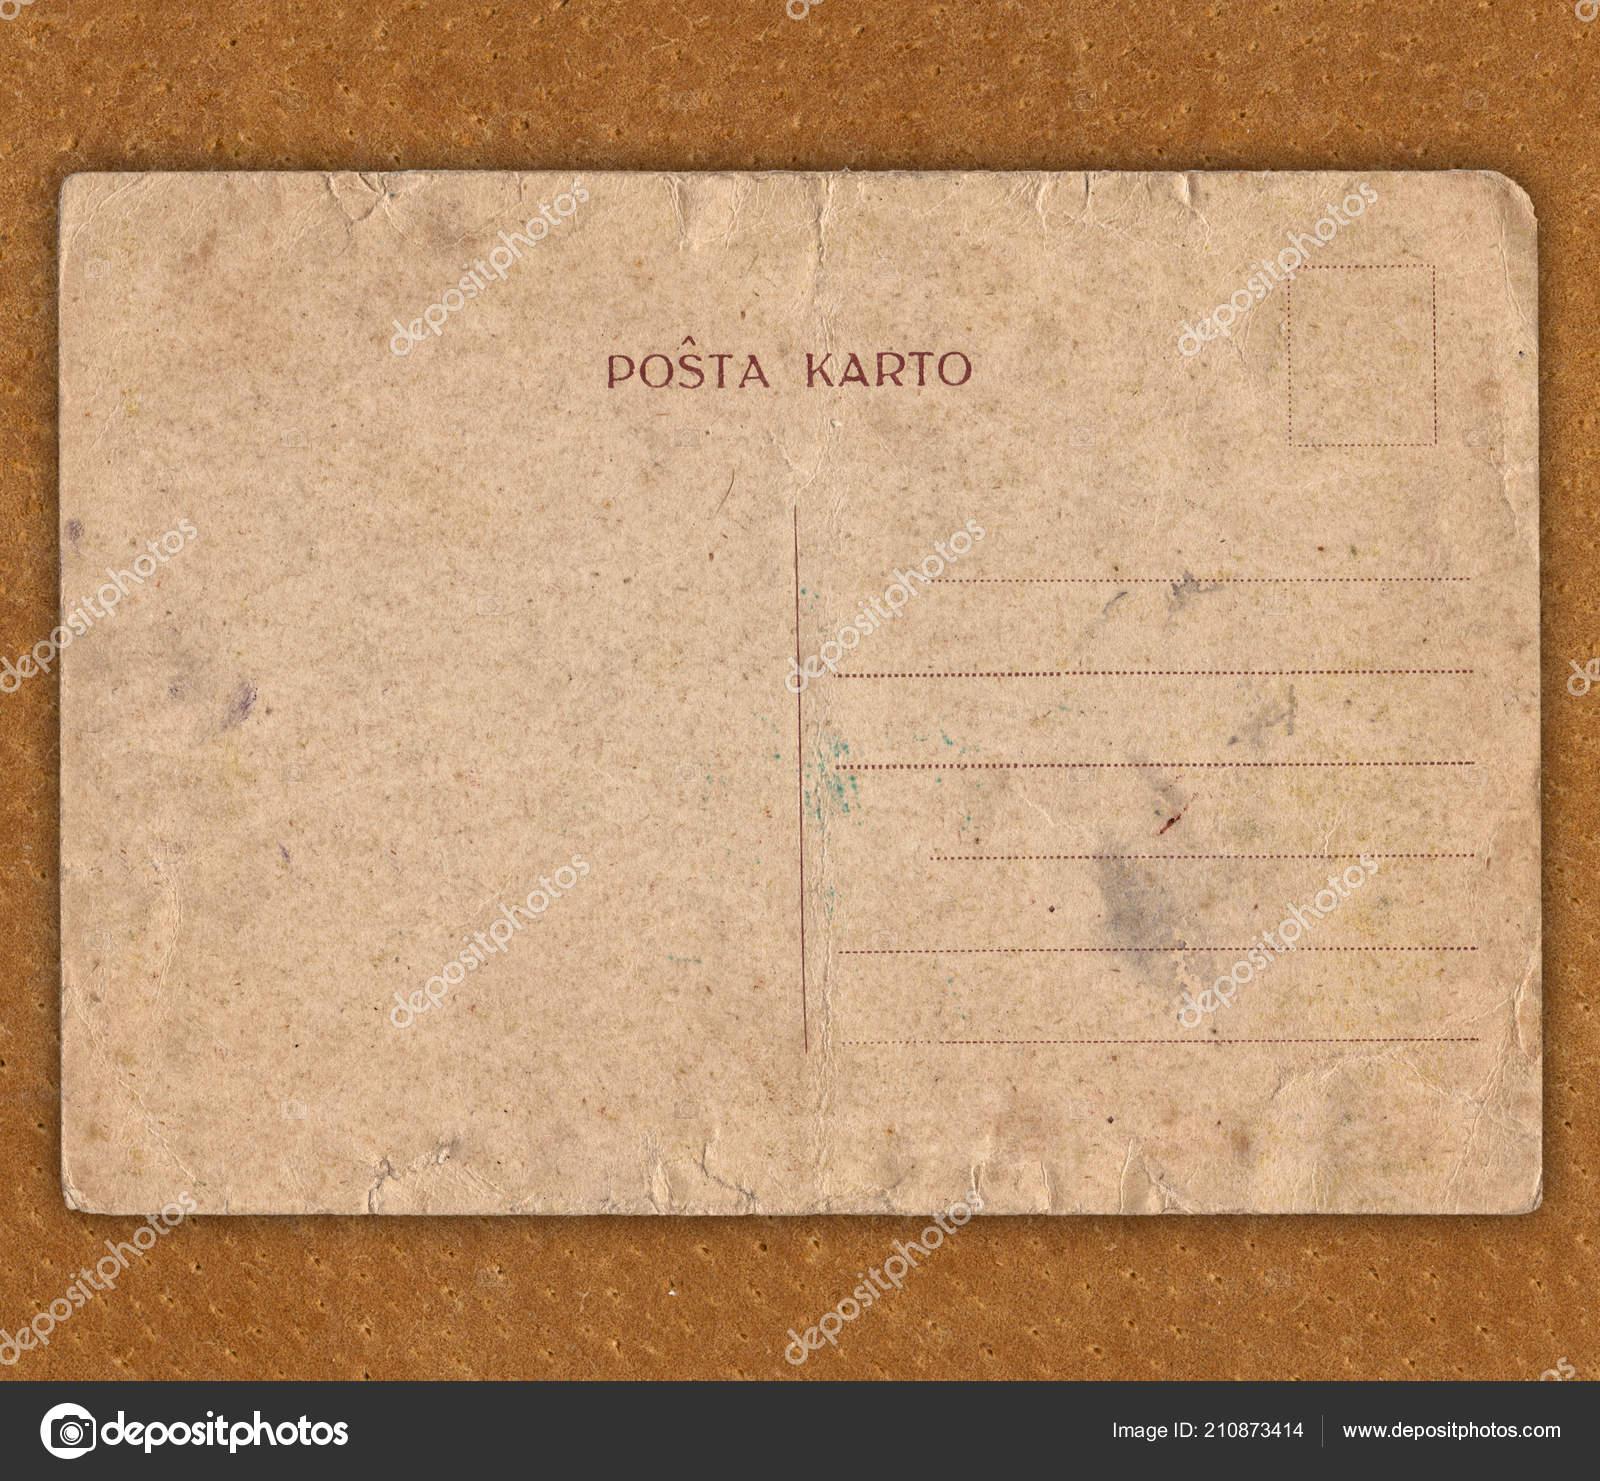 postcard Old bowon vintage